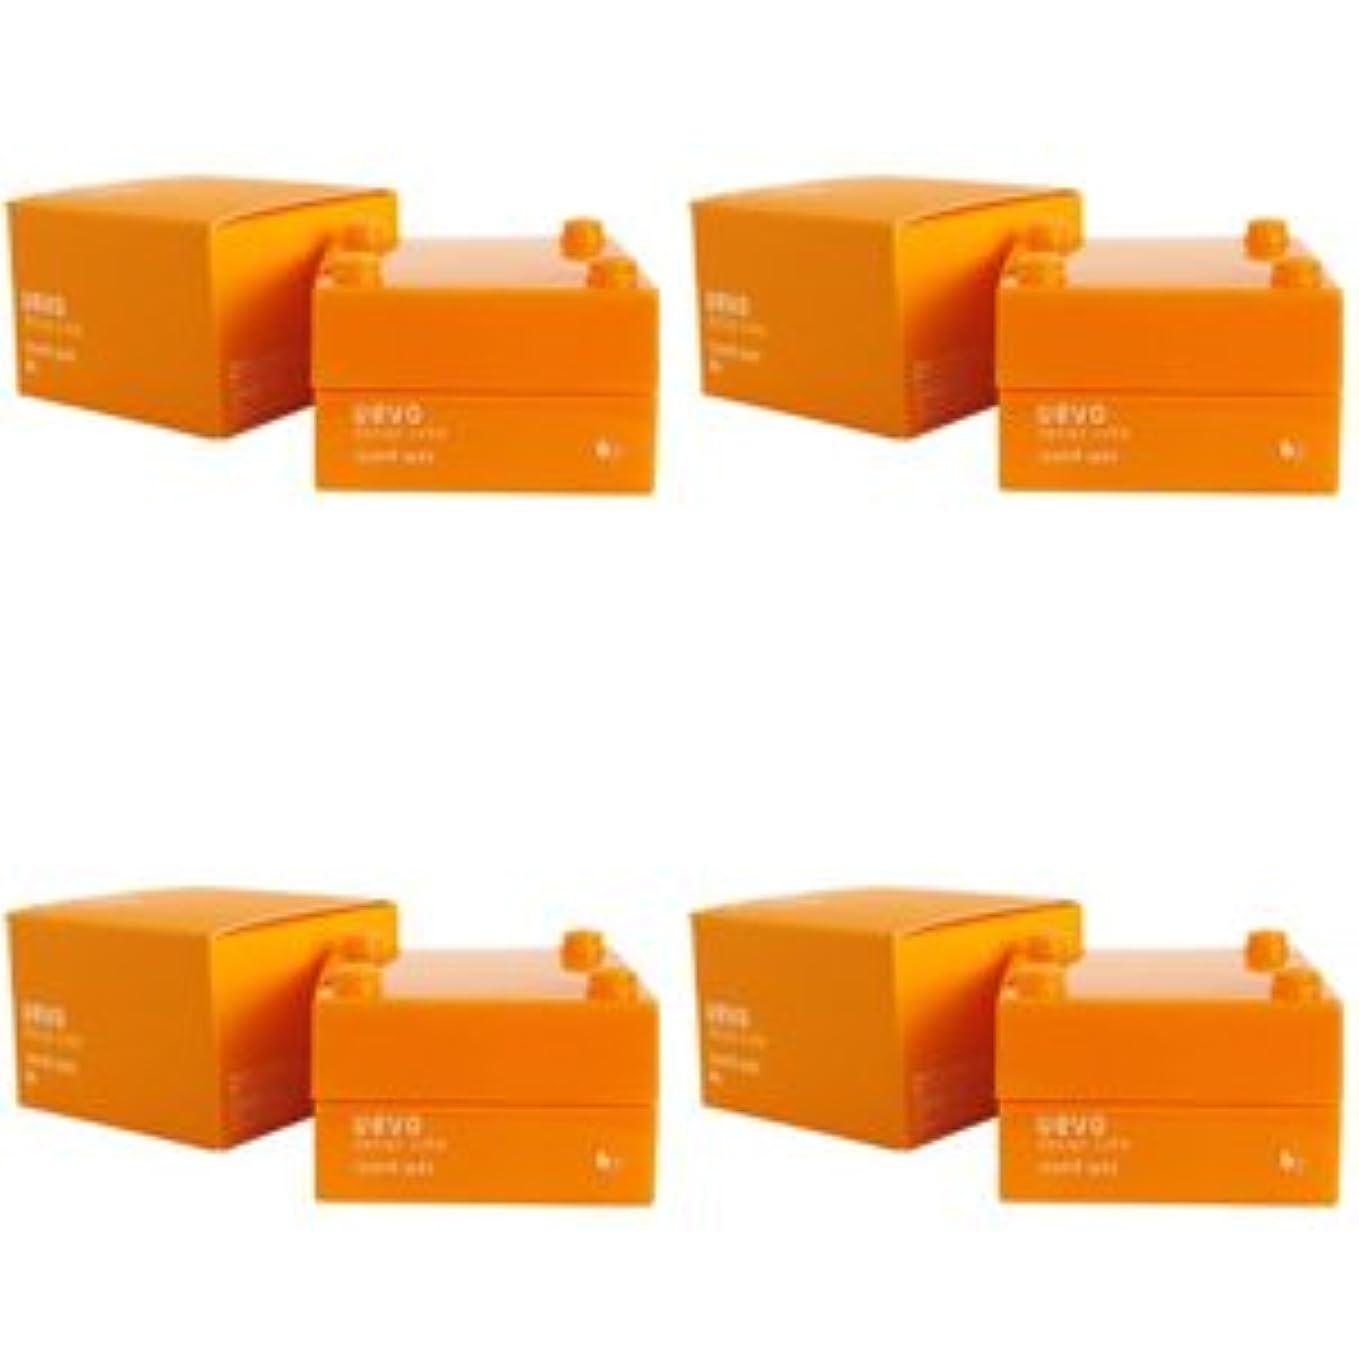 フレームワークただやる動機付ける【X4個セット】 デミ ウェーボ デザインキューブ ラウンドワックス 30g round wax DEMI uevo design cube